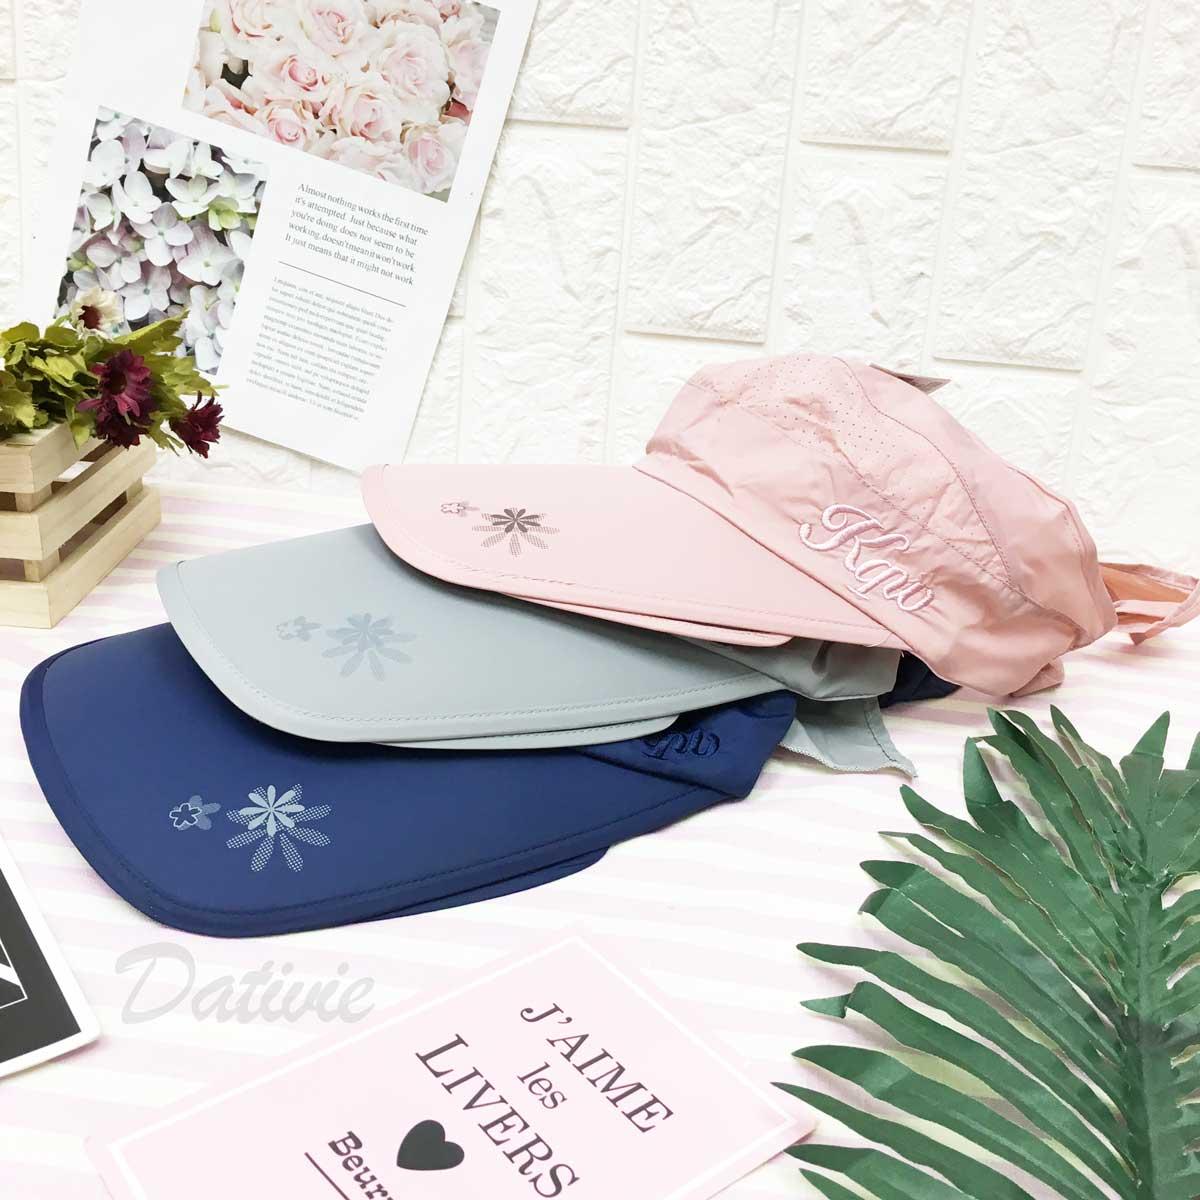 遮陽帽 小花 透氣孔洞 英文字 帽沿包邊 後面綁帶可調鬆緊 帽子 空頂帽